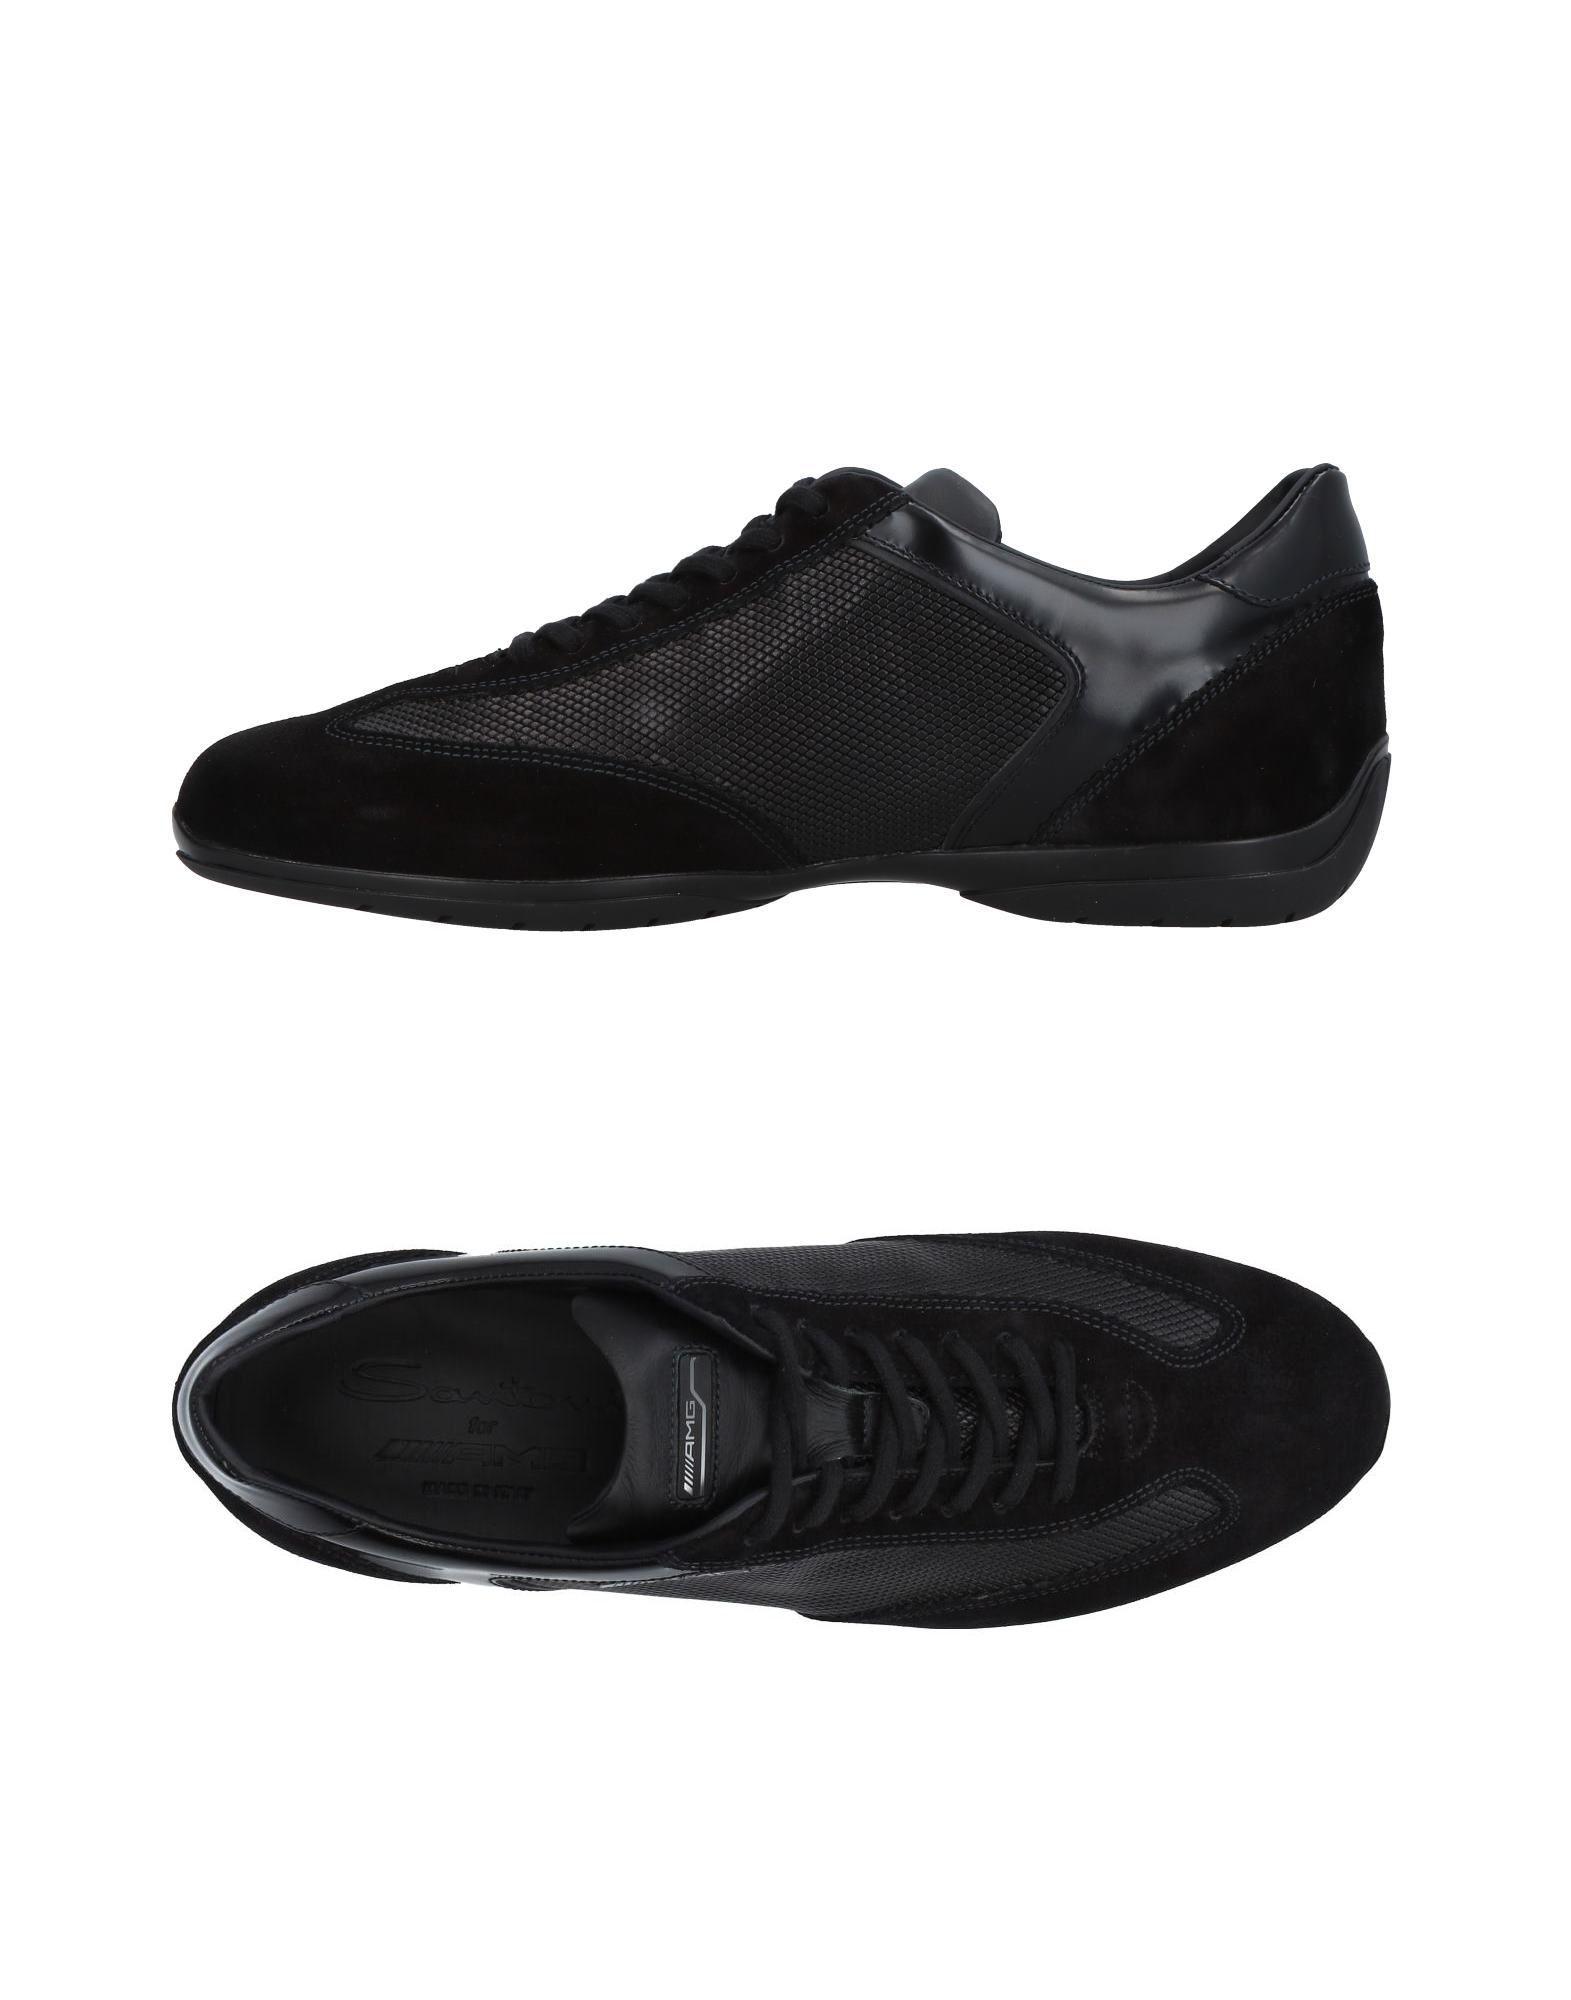 Santoni Sneakers Herren  11410219HK Gute Qualität beliebte Schuhe